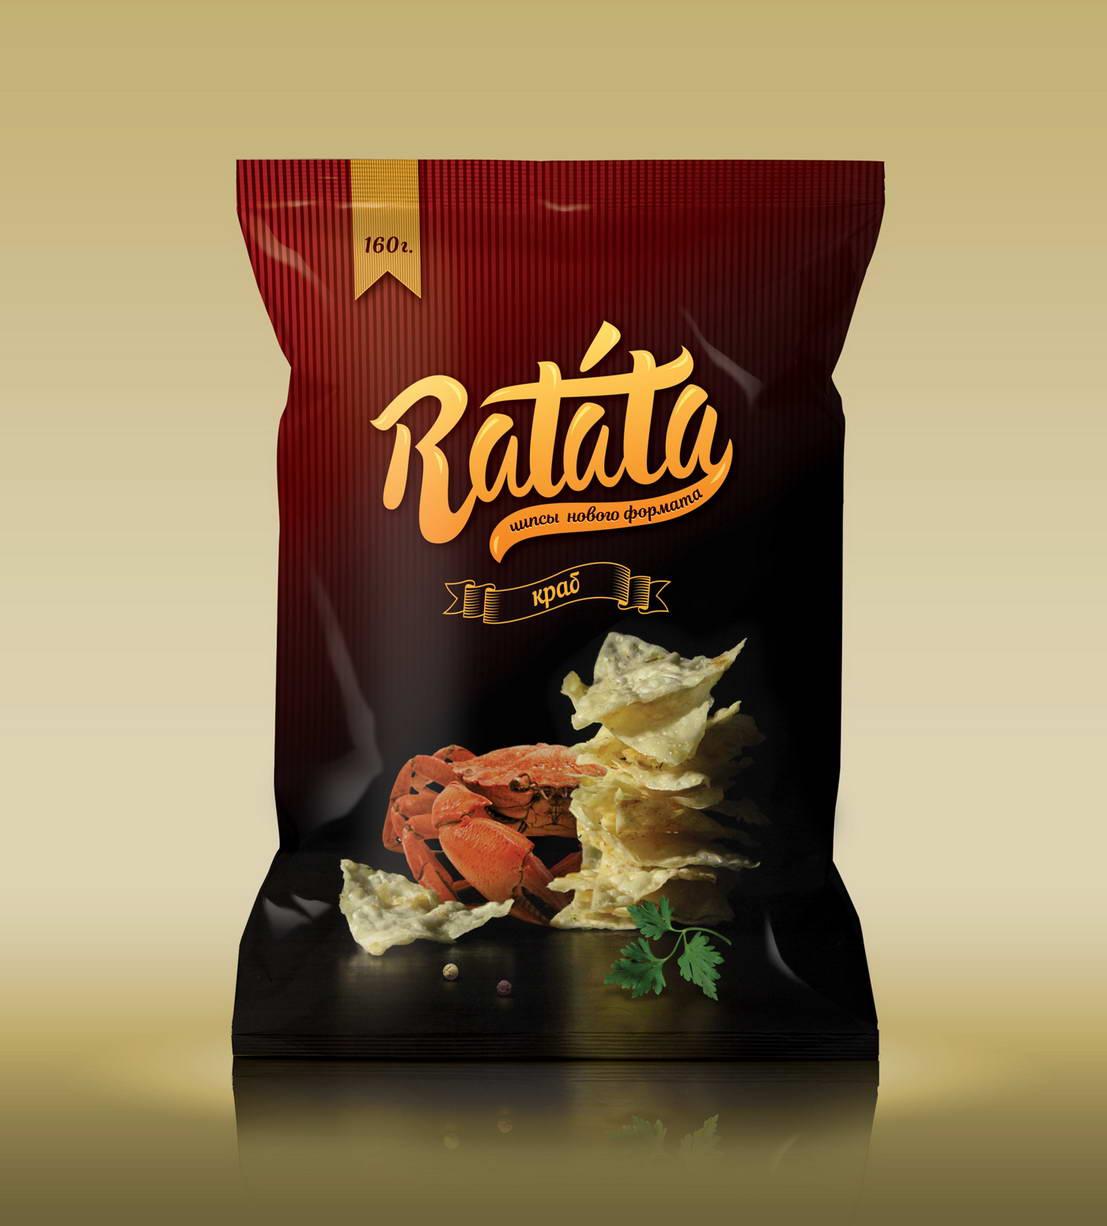 Дизайн упаковки чипсов Ratata с крабом